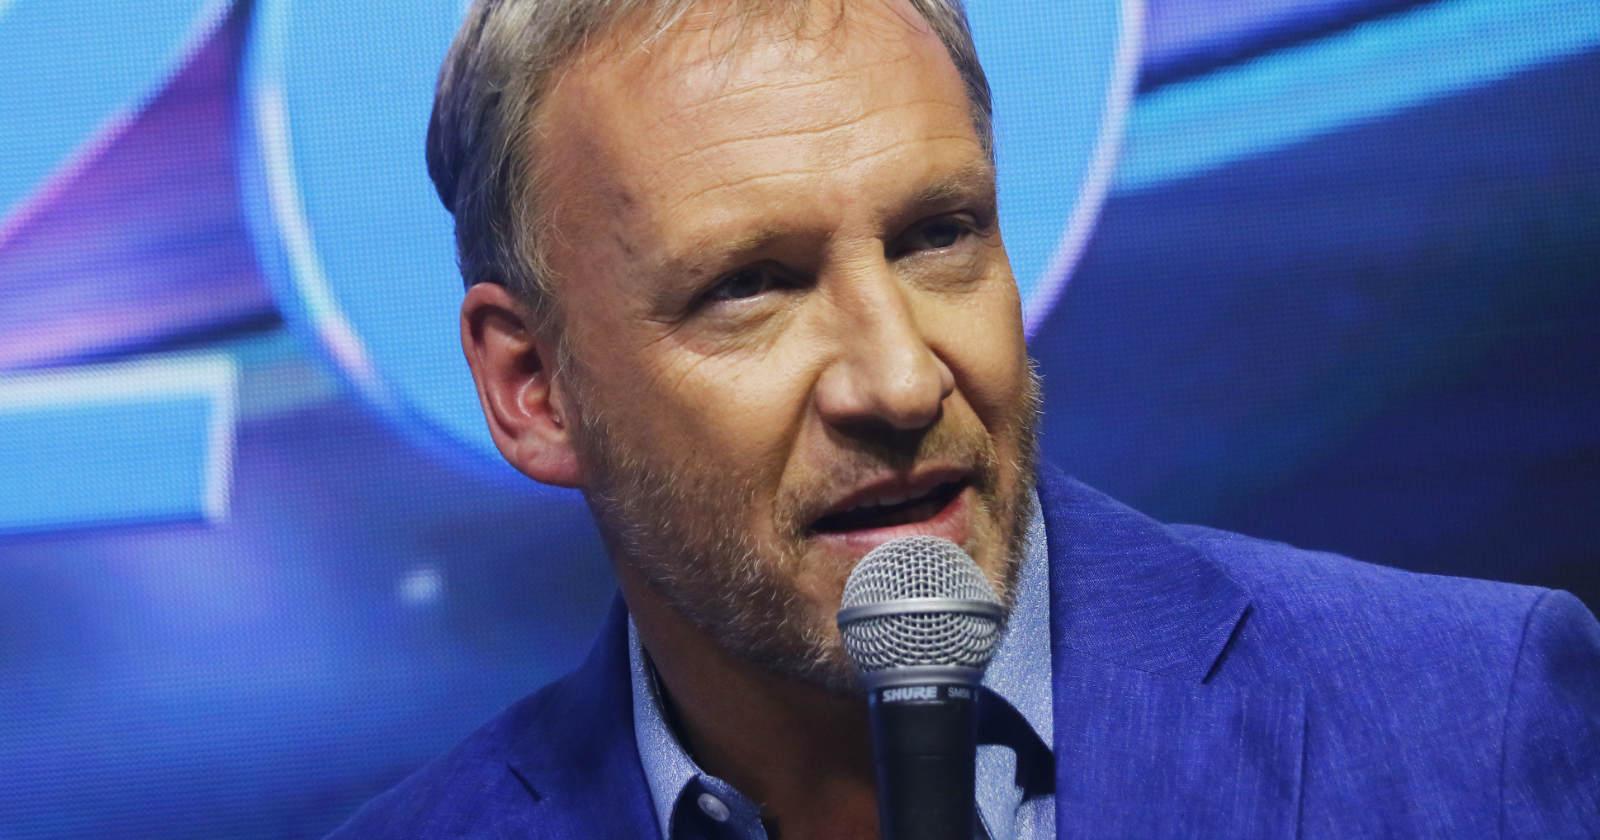 Martín Cárcamo prepara nuevo programa en Canal 13 tras la cancelación de Bailando Por Un Sueño